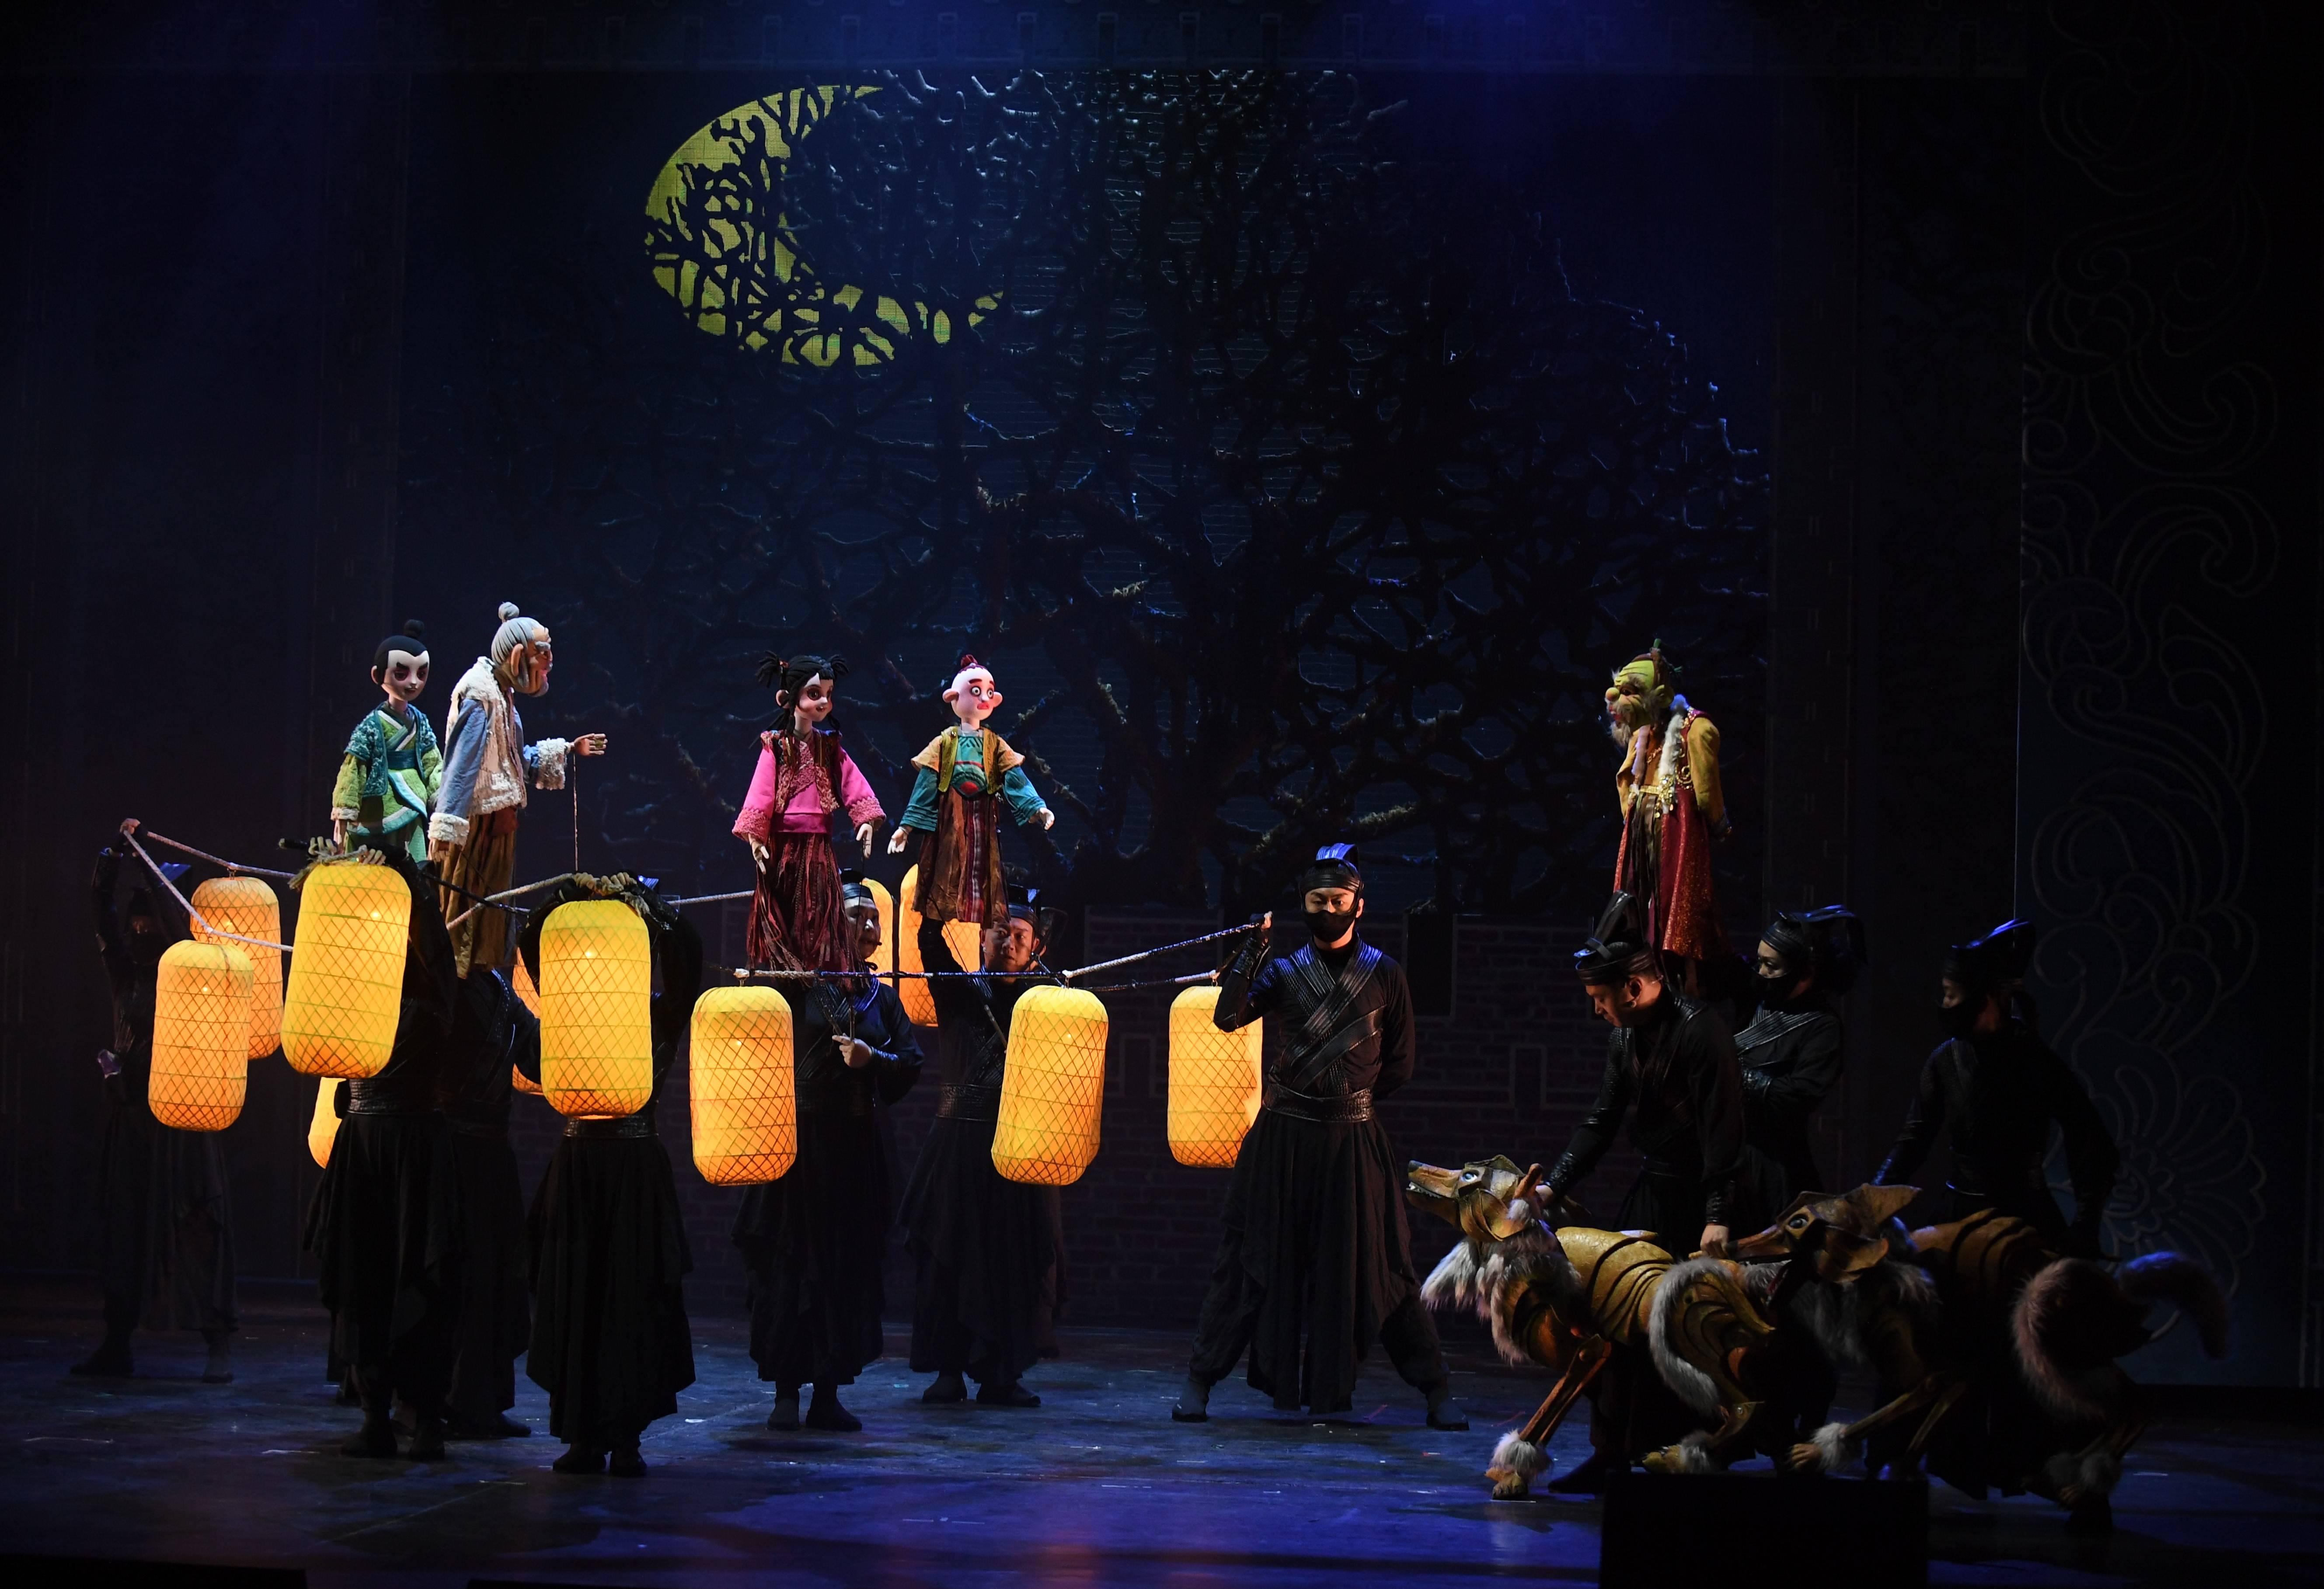 中国木偶艺术剧院木偶剧《长城长》首演